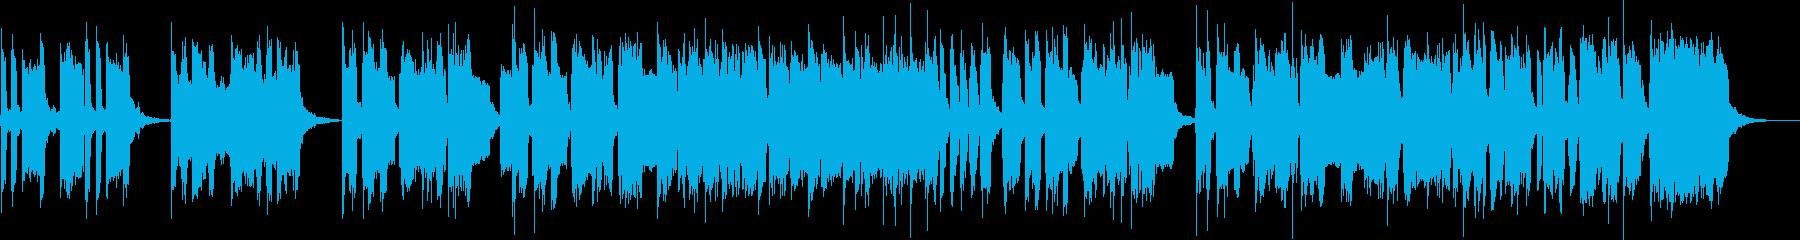 楽しげなサックス4重奏の再生済みの波形